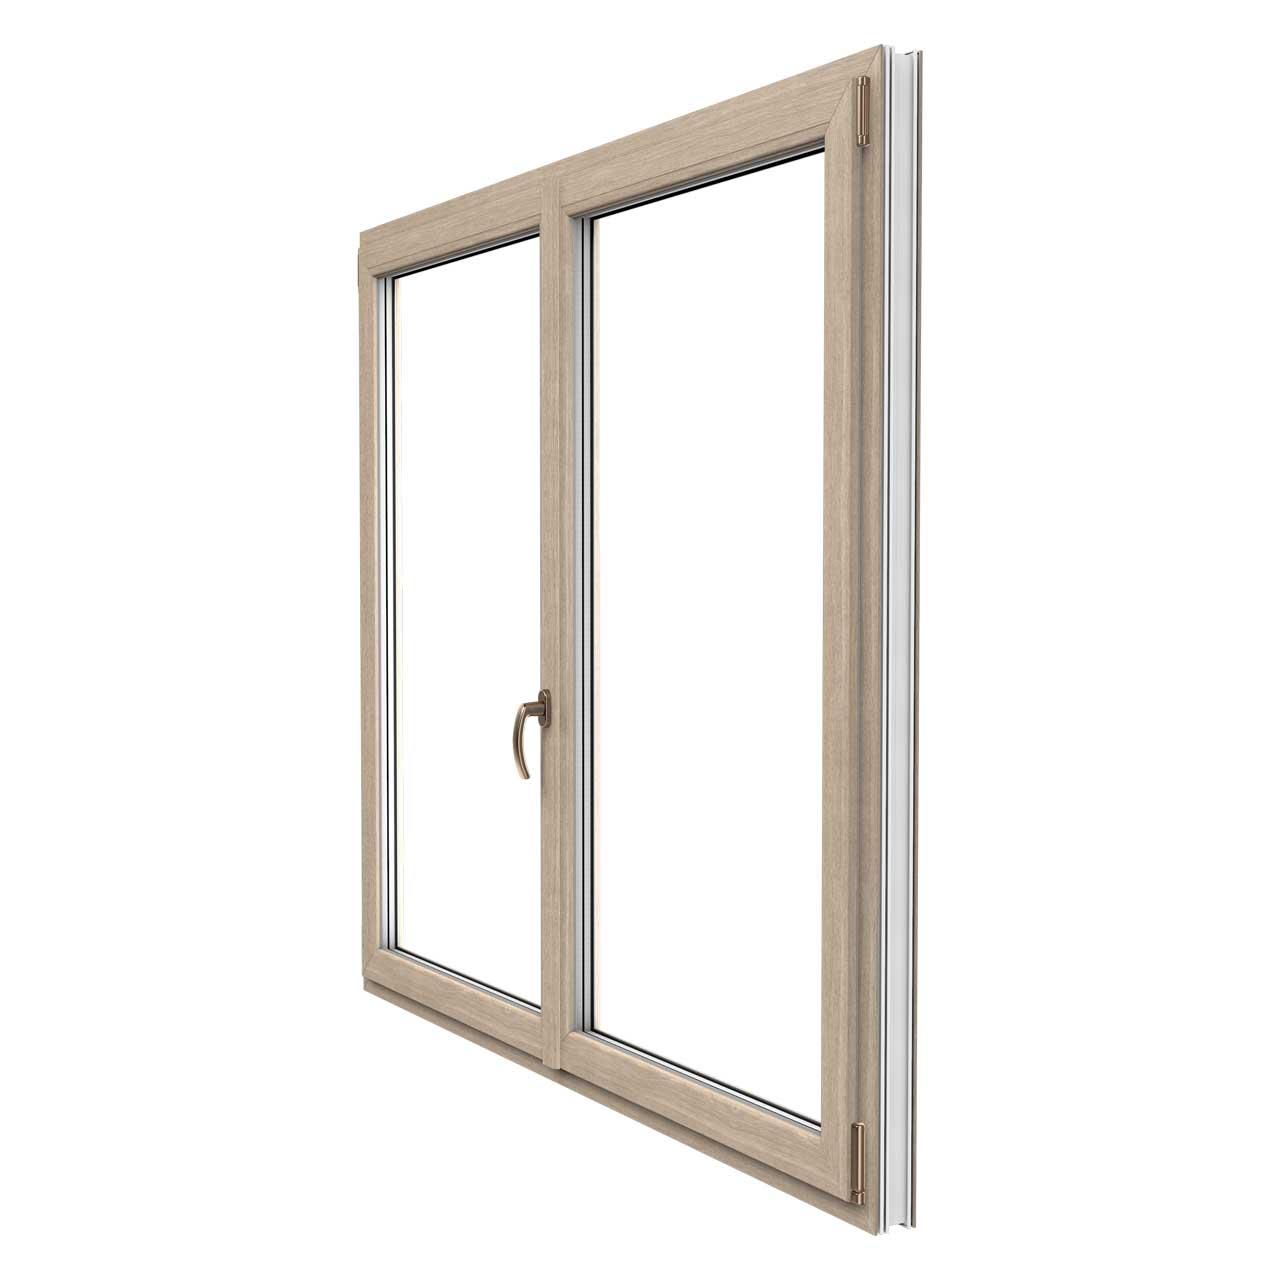 Full Size of Drutex Fenster Kunststofffensteriglo Drutelight Seite Al Hanse Roro Alu Dampfreiniger Standardmaße Sicherheitsfolie Einbauen Preisvergleich Zwangsbelüftung Fenster Drutex Fenster